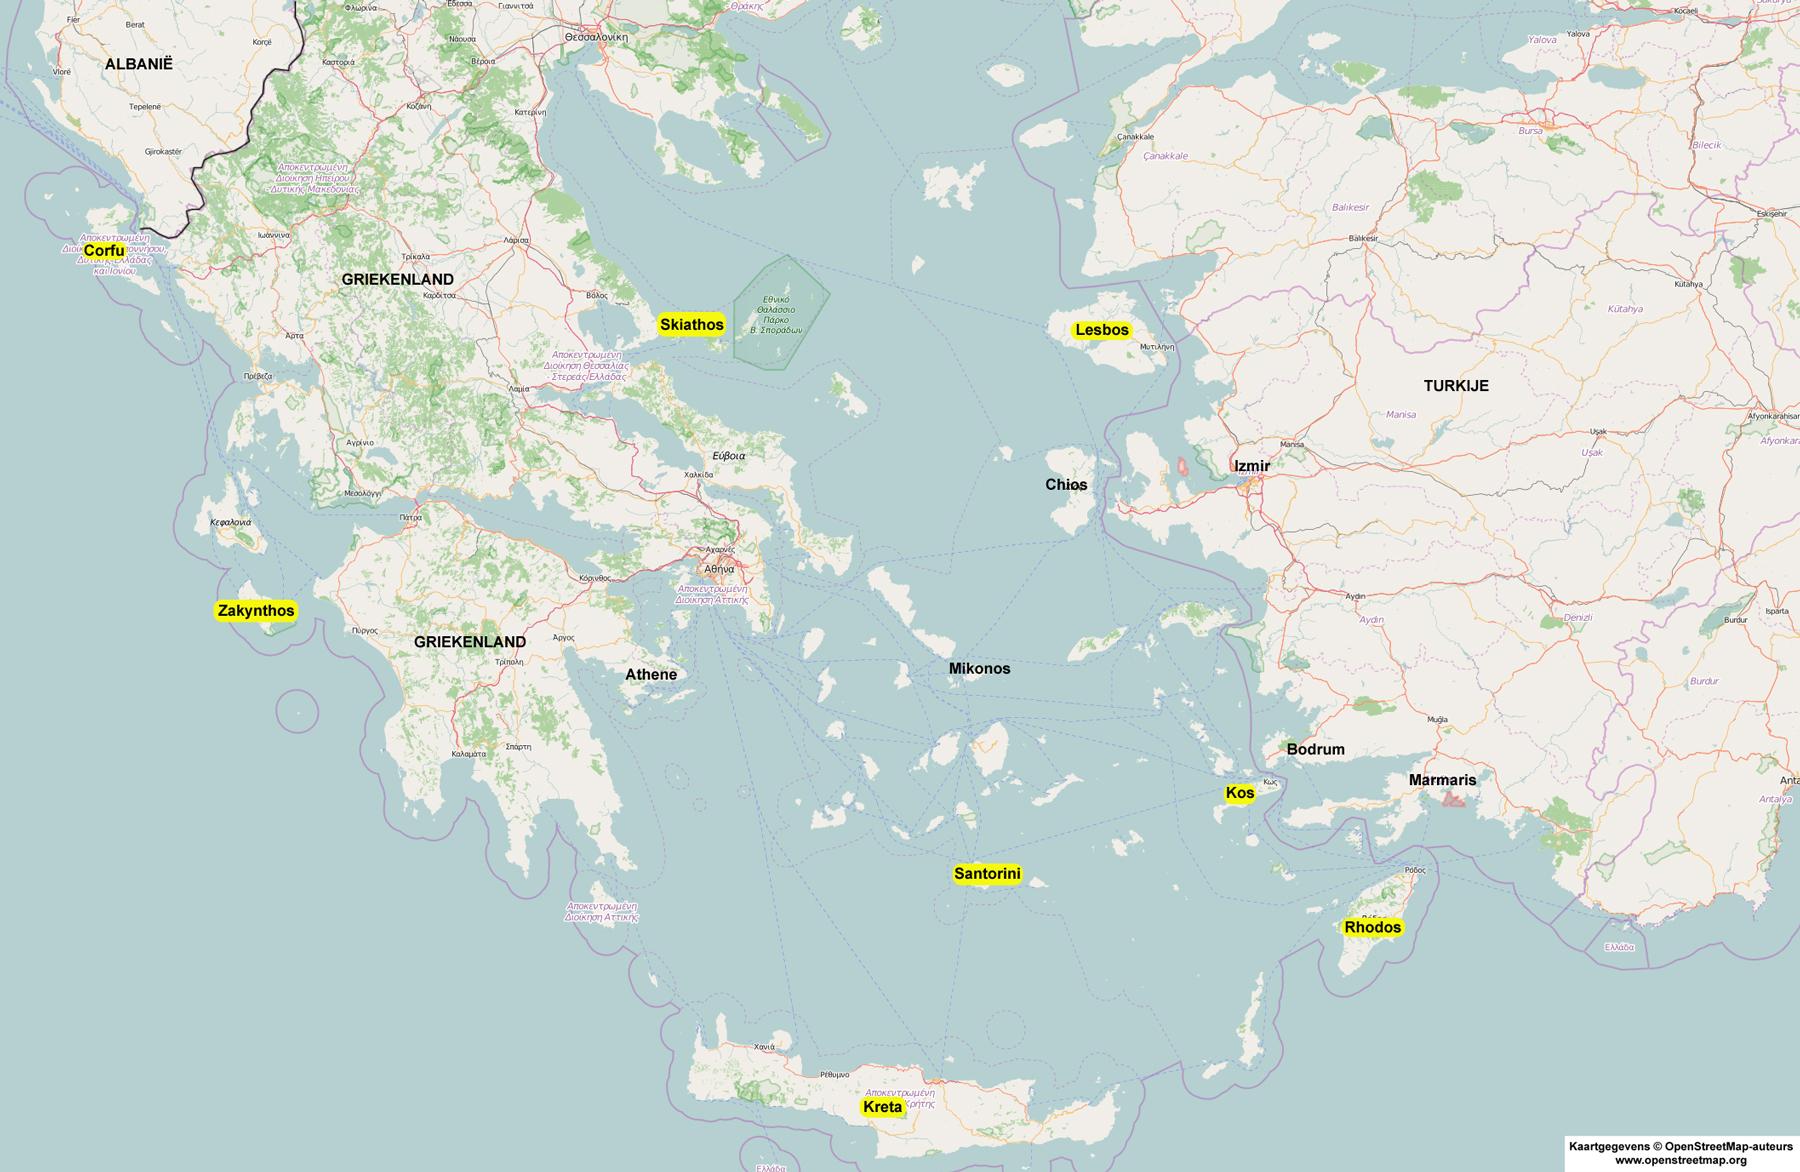 Vakantie Griekse Eilanden Welk Eiland Kiezen